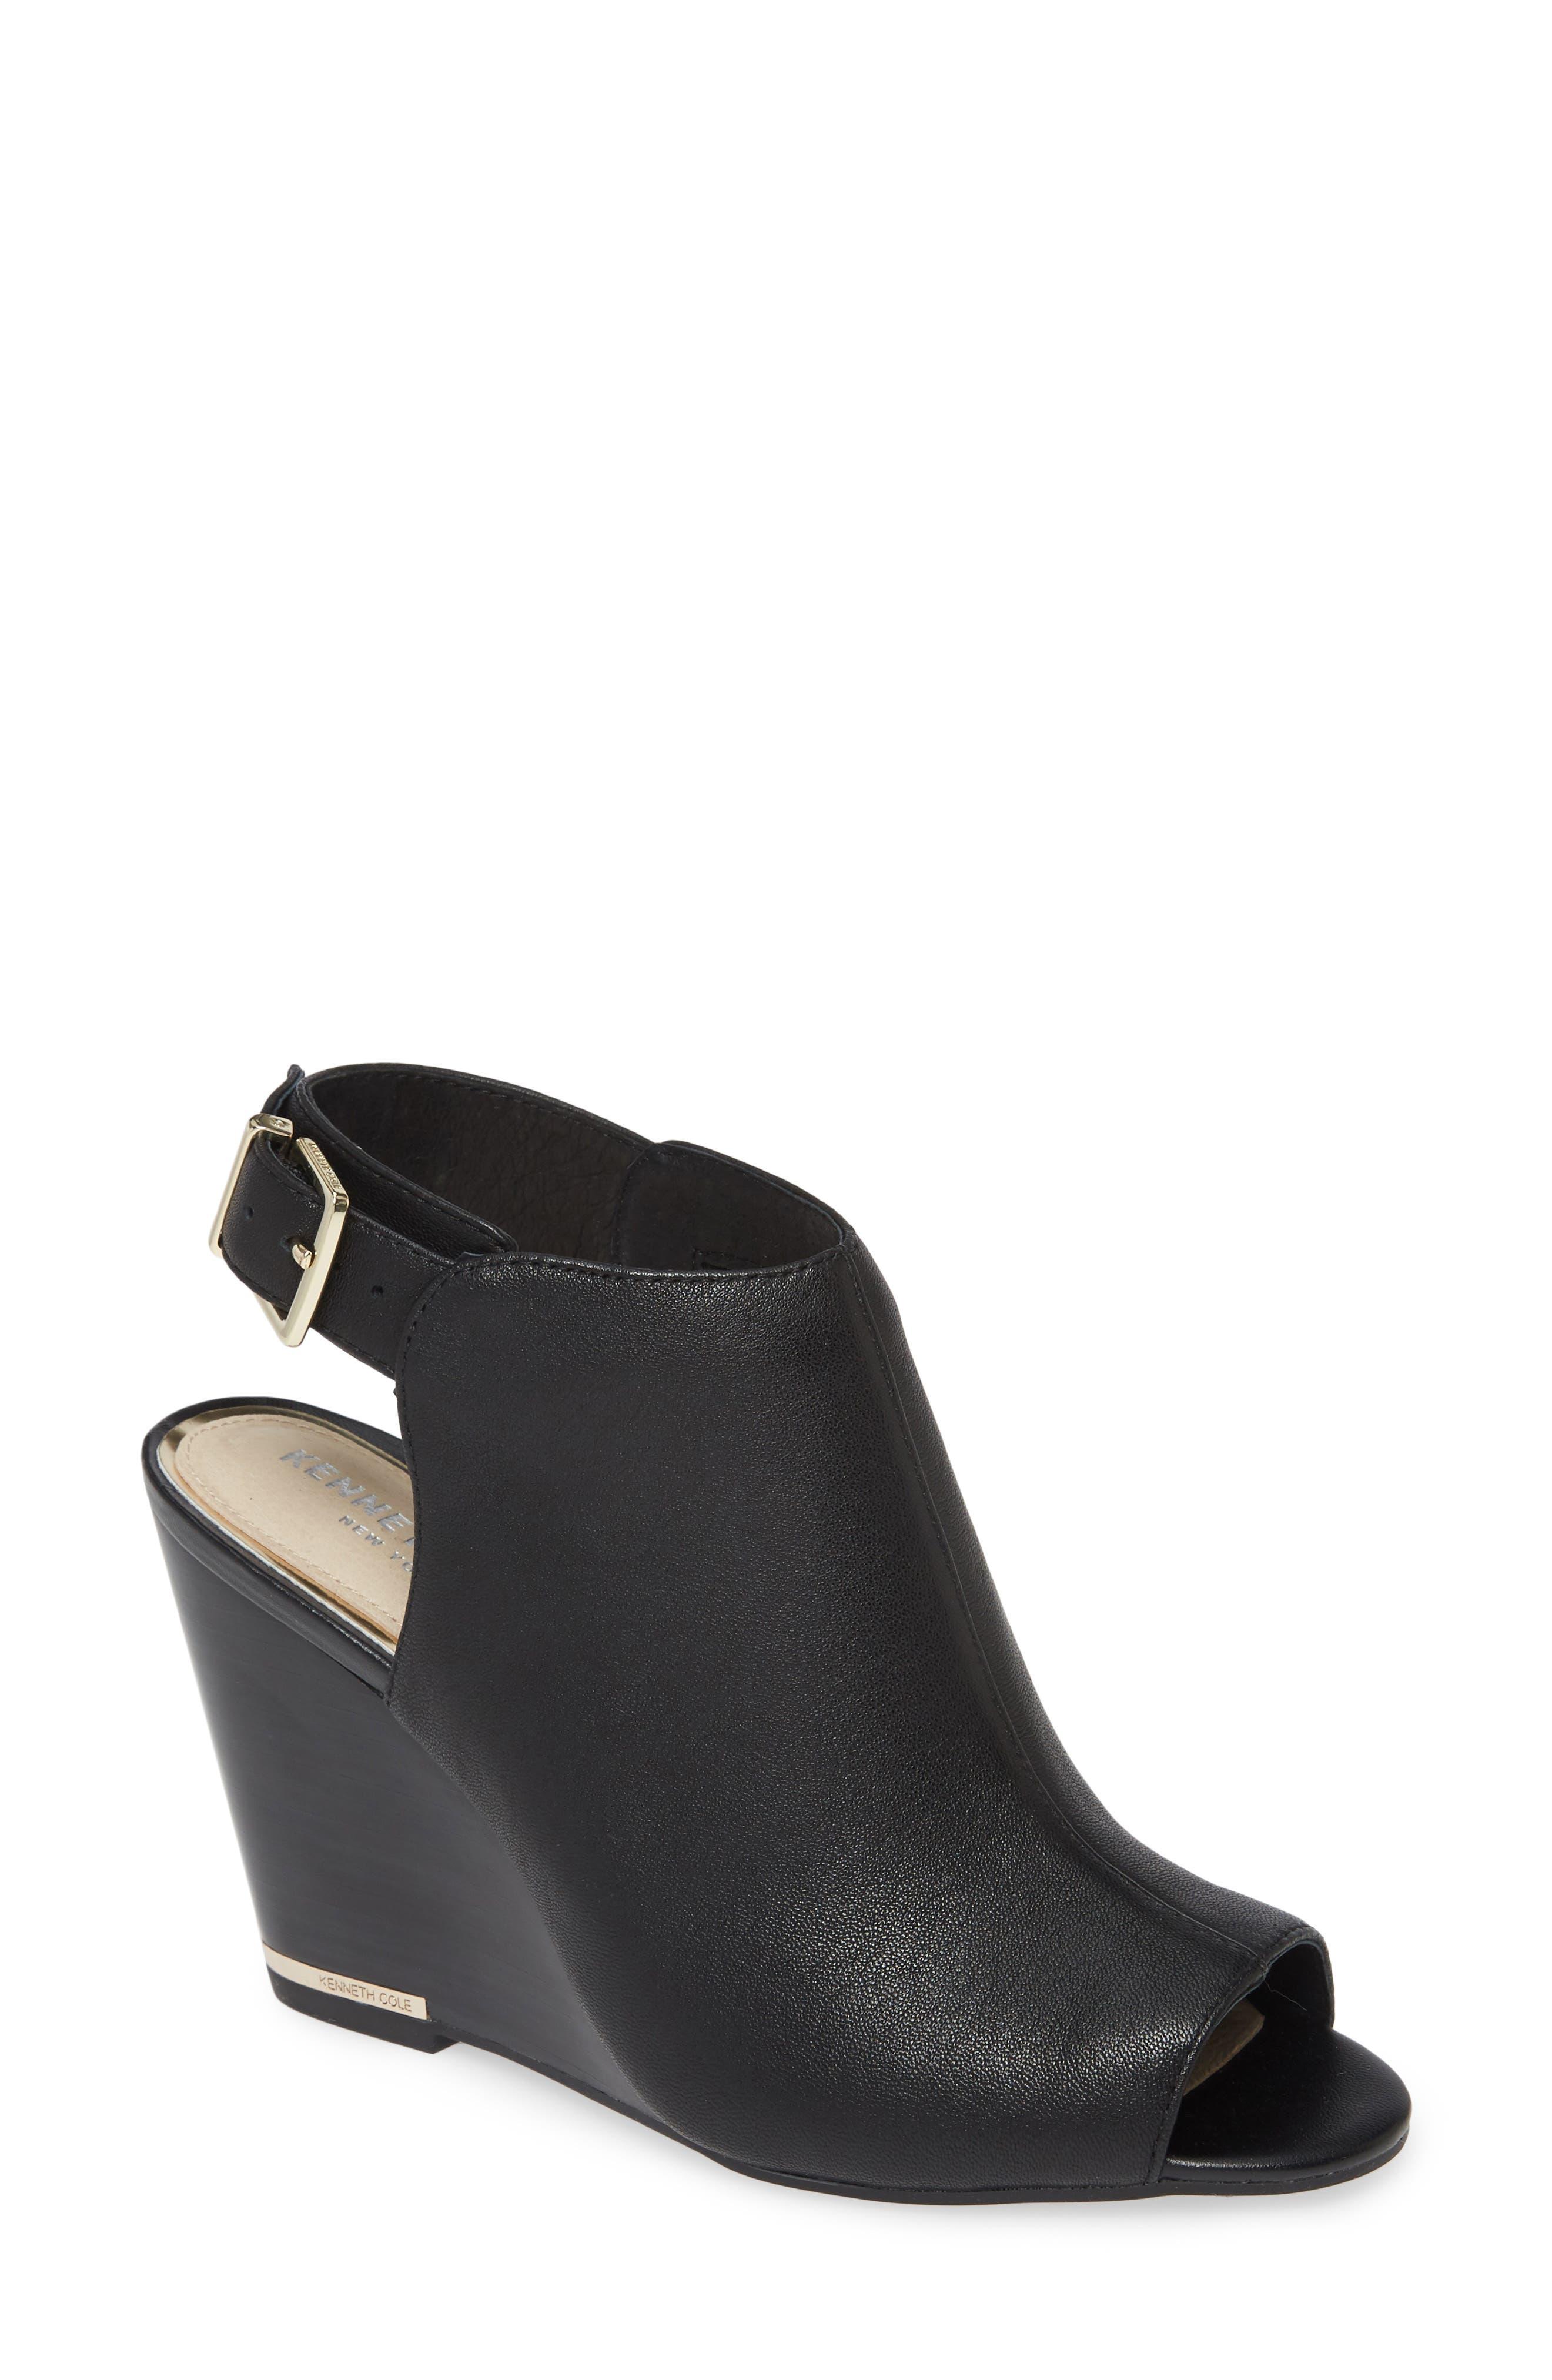 Merrick 85 Sandal